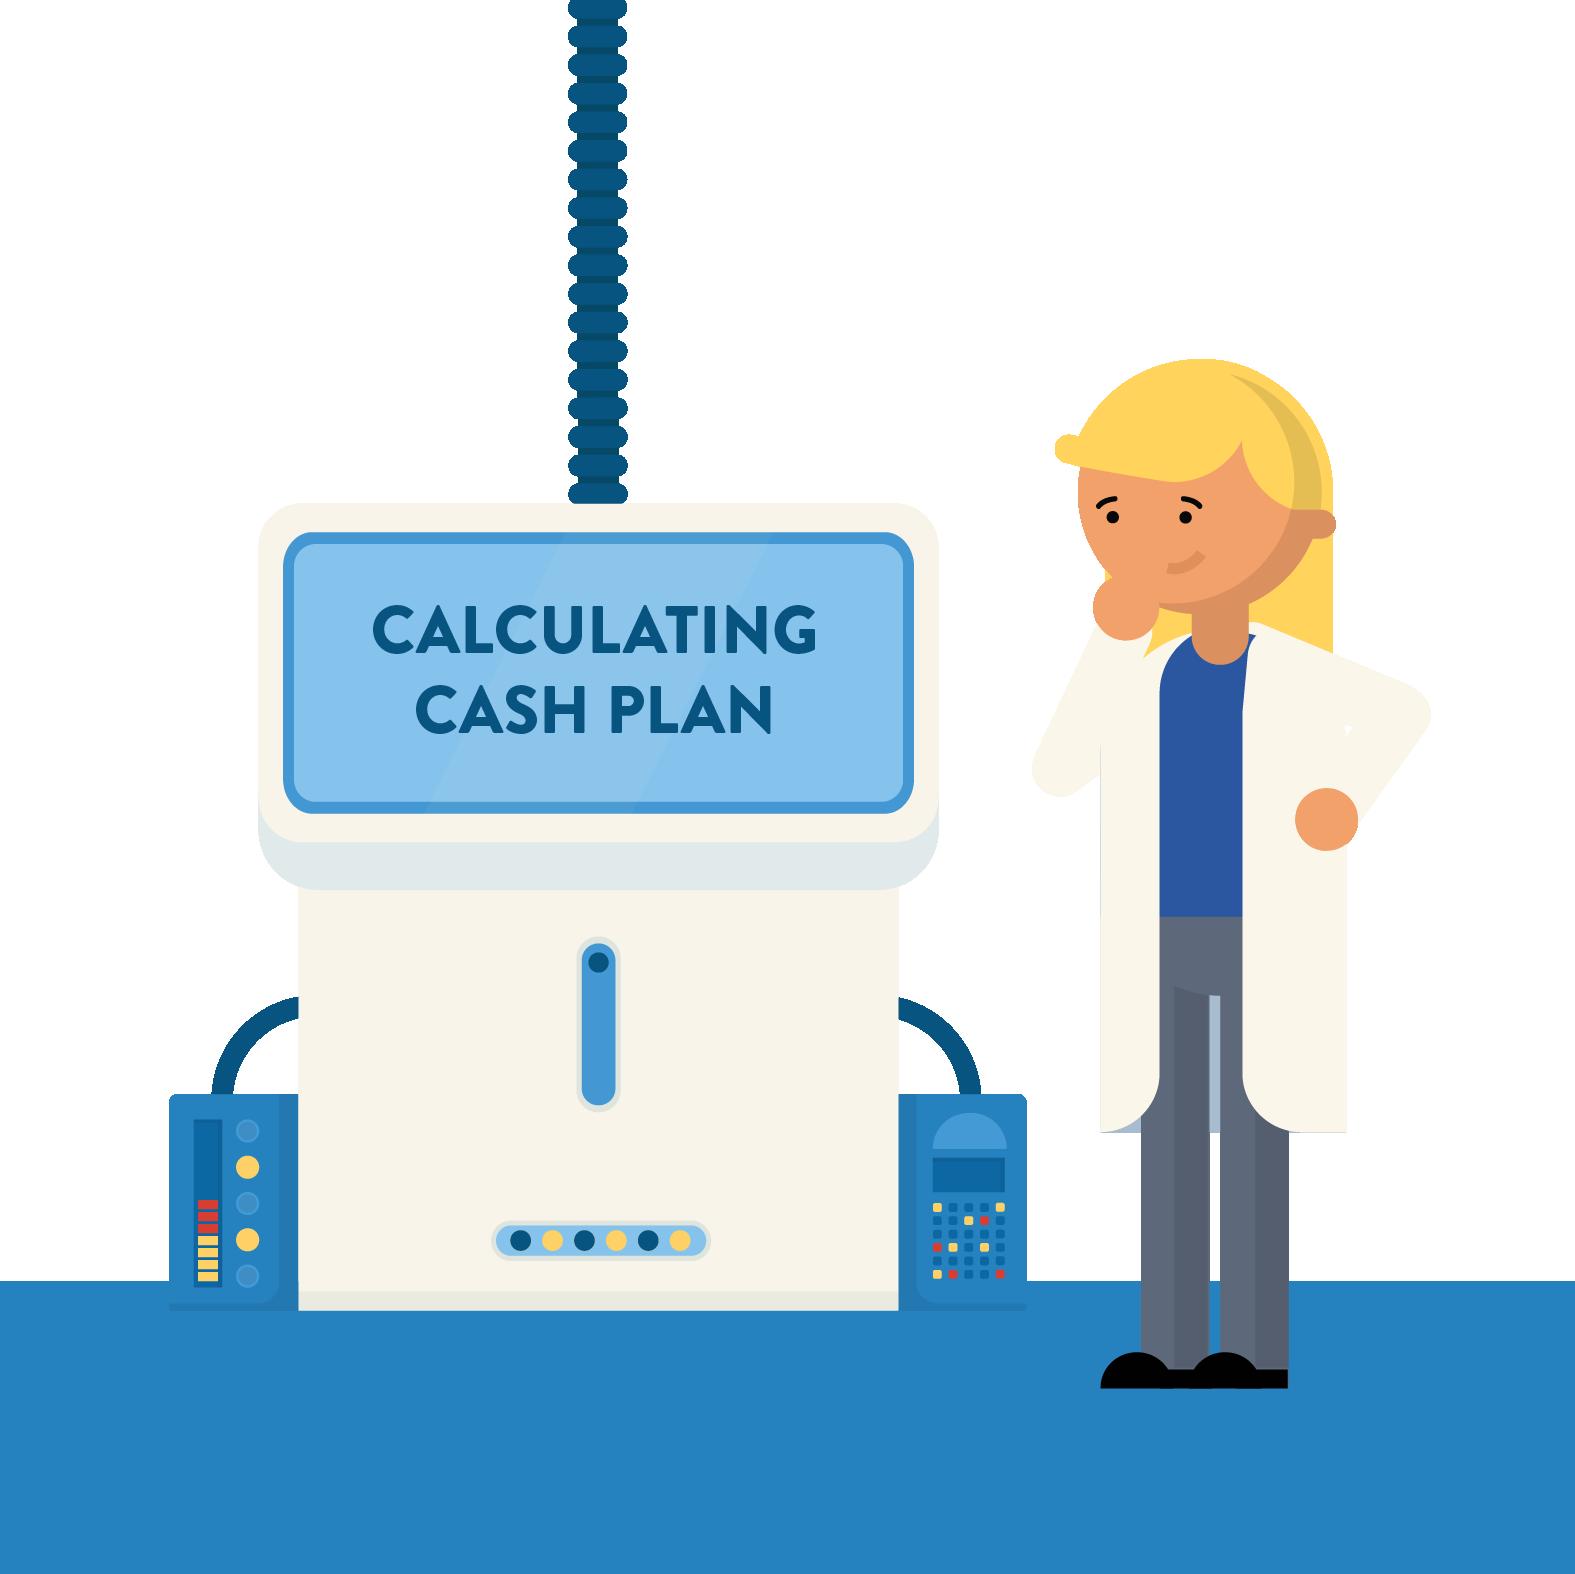 A professer using a machine to calculate a cash plan